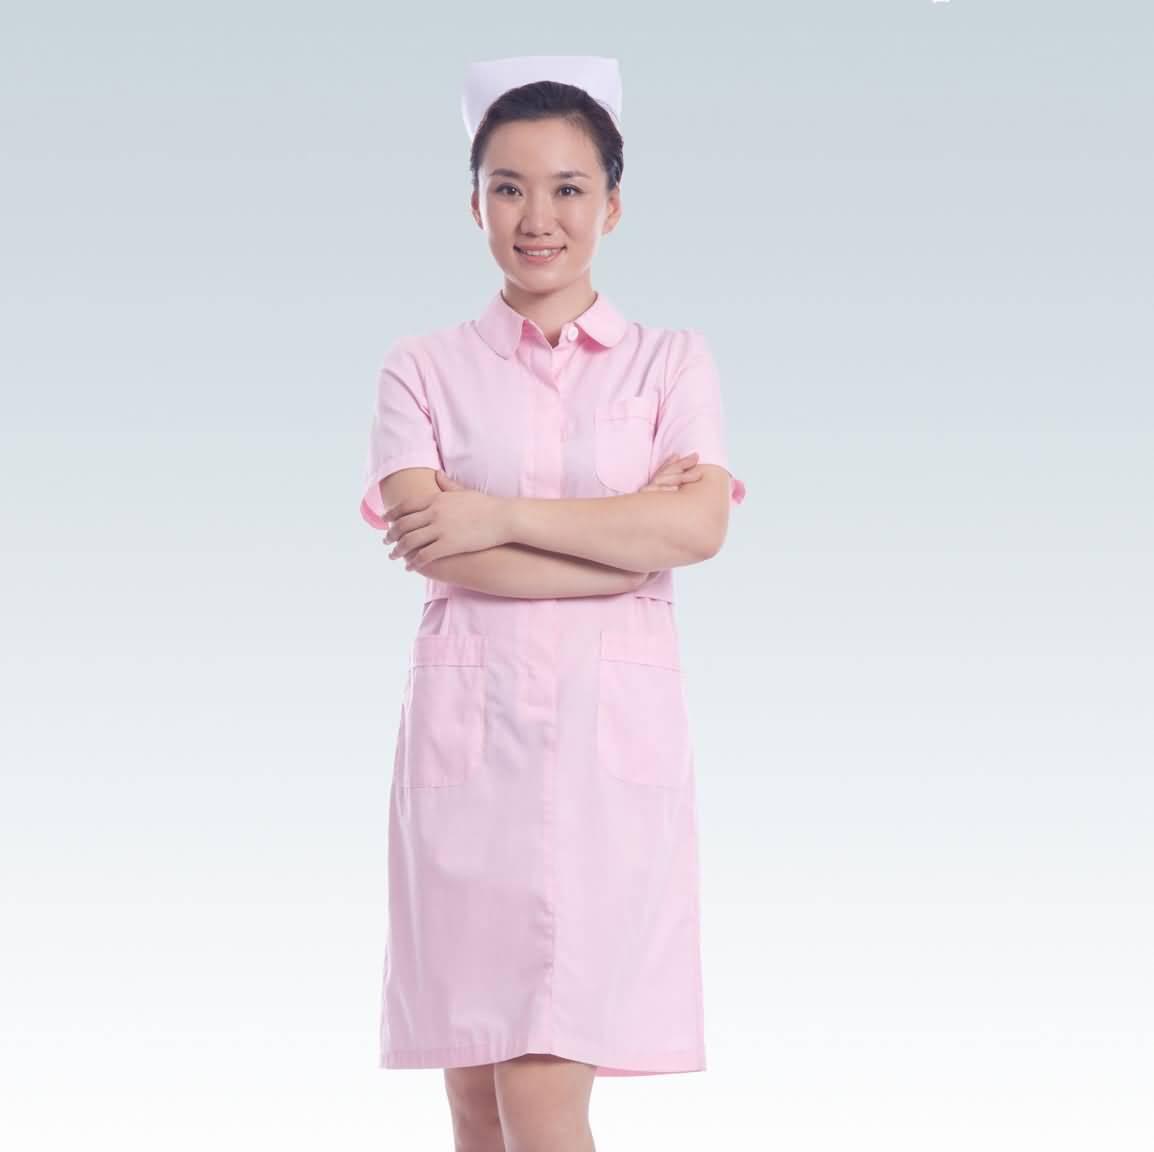 粉色护士服夏装短袖药店工作服